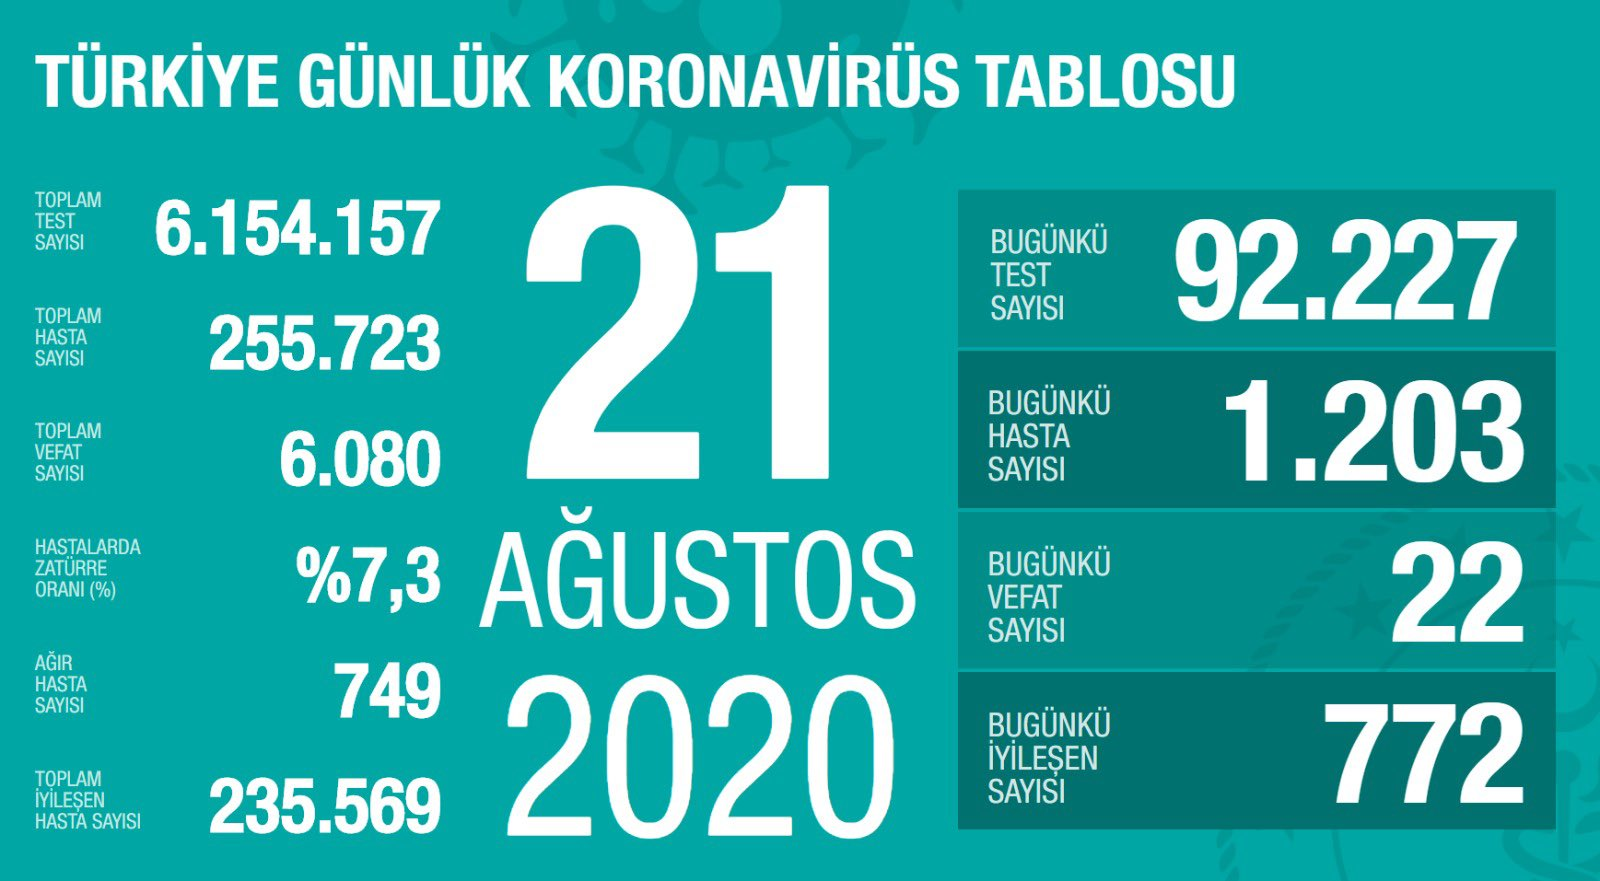 21 Ağustos Türkiye Koronavirüs Tablosu Açıkladı